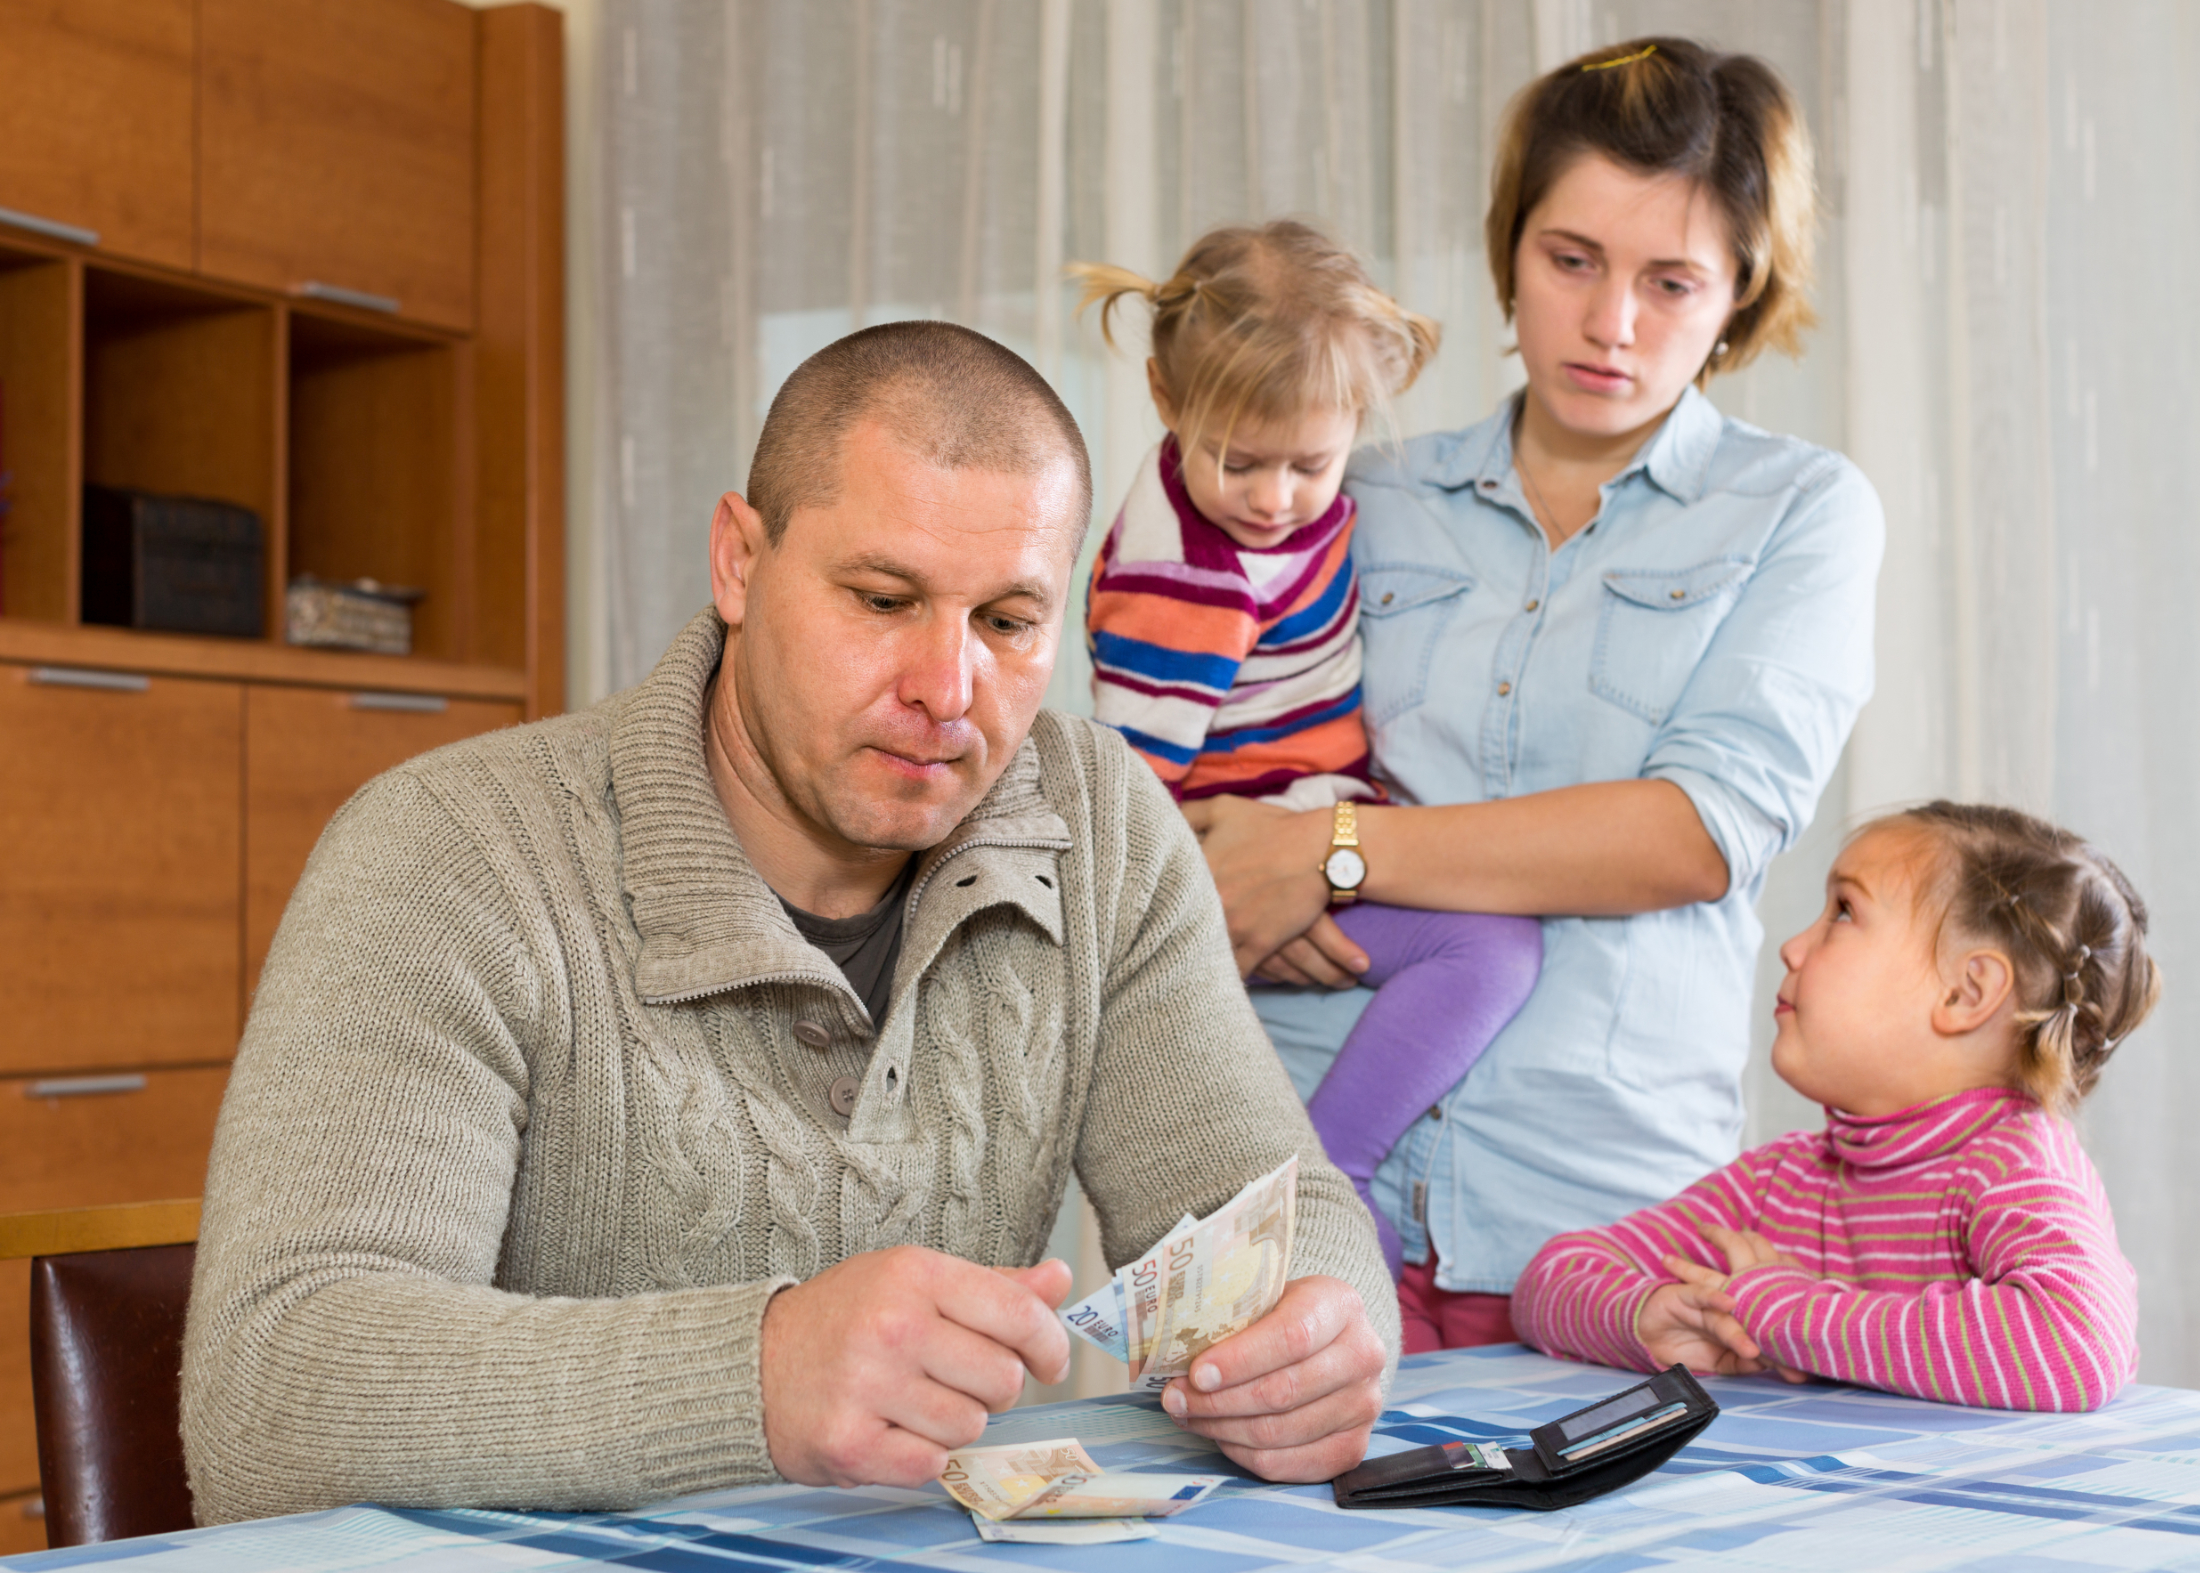 Family Needs Money